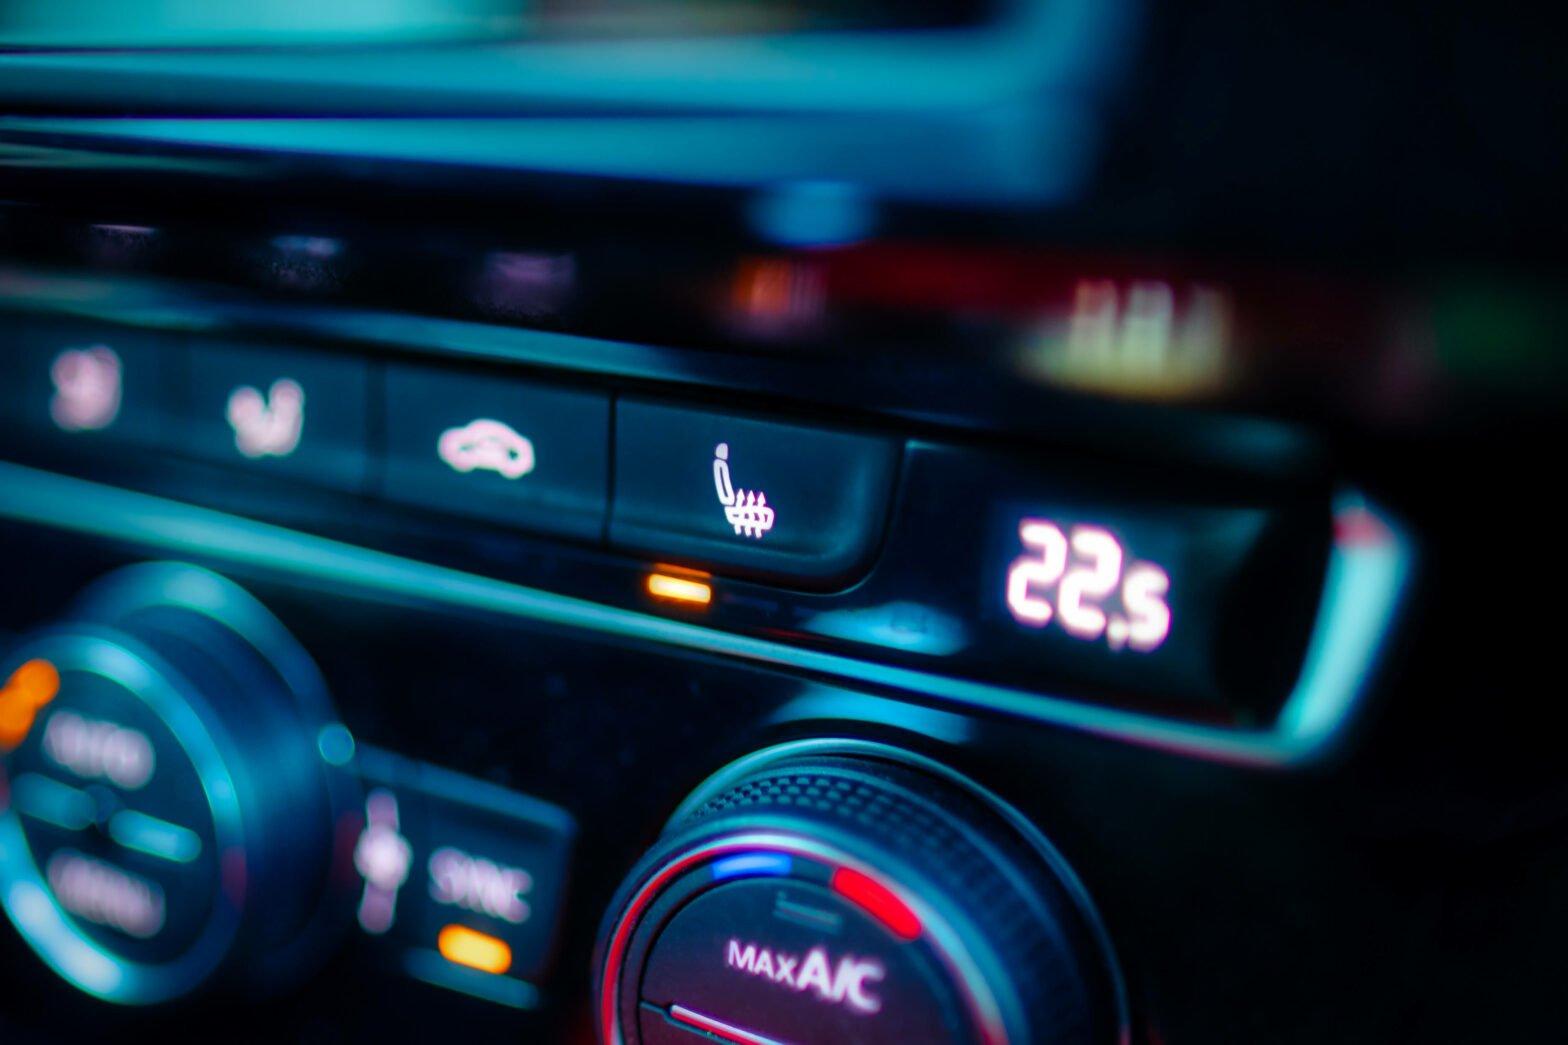 【車のエアコン】A/Cボタンと暖房・クーラーの正しい使い方|風が臭い・ぬるいときは?